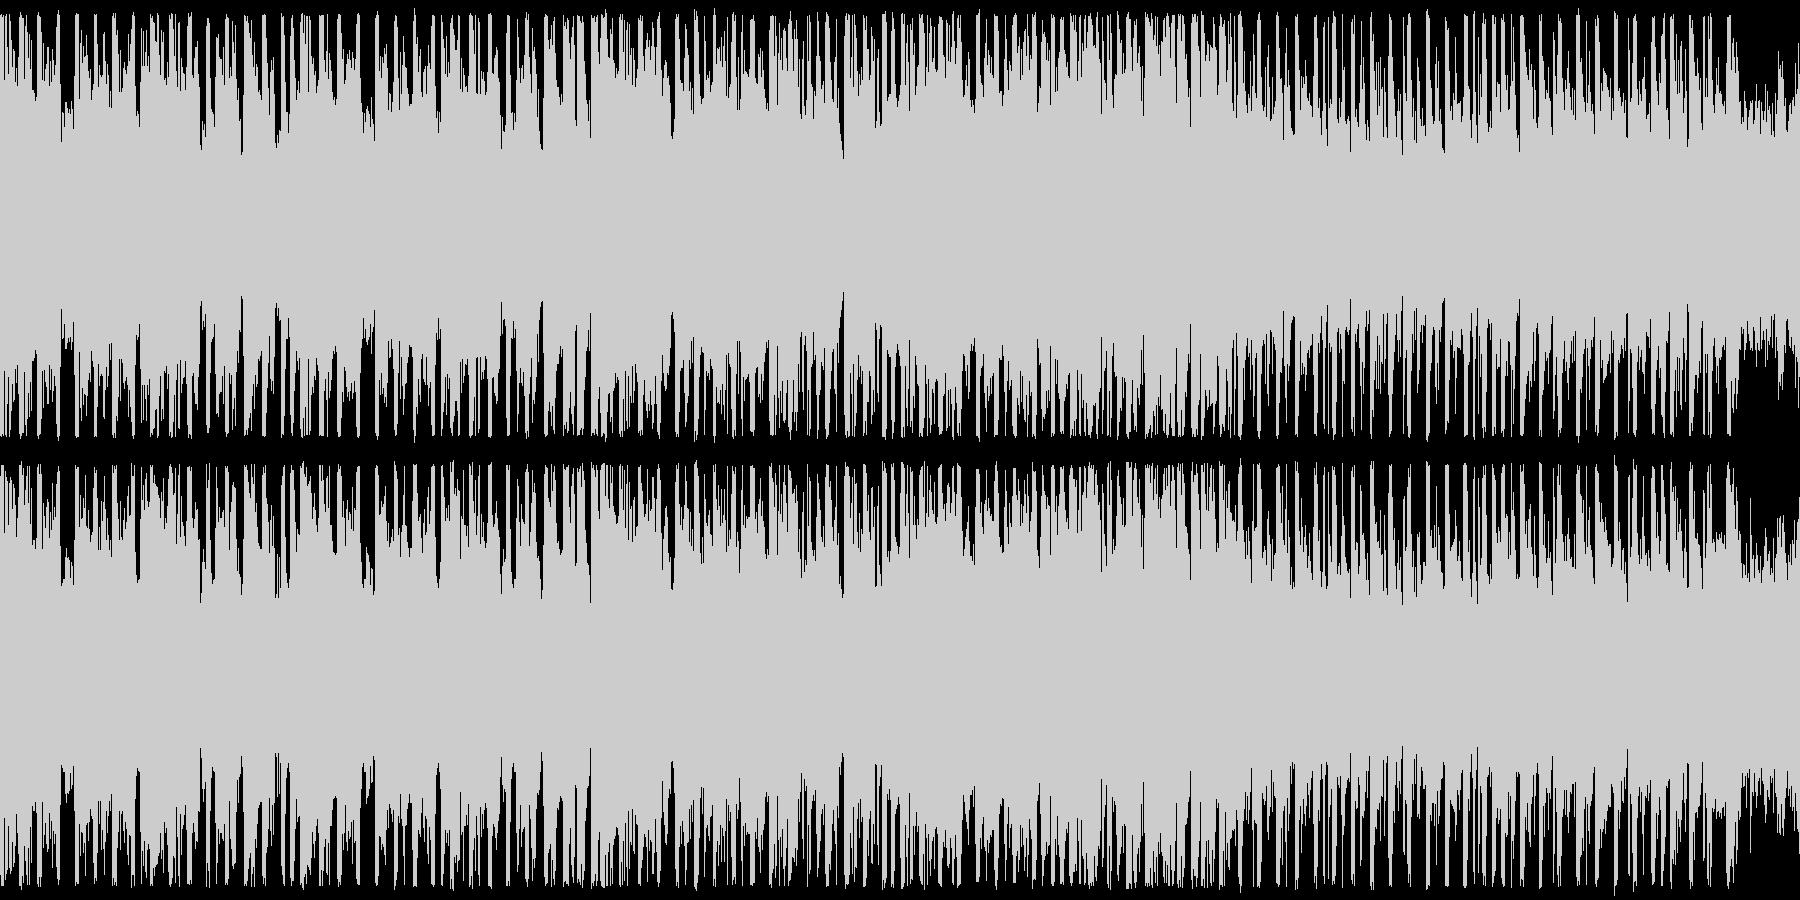 ループ,ハイテンションRPGバトルの未再生の波形